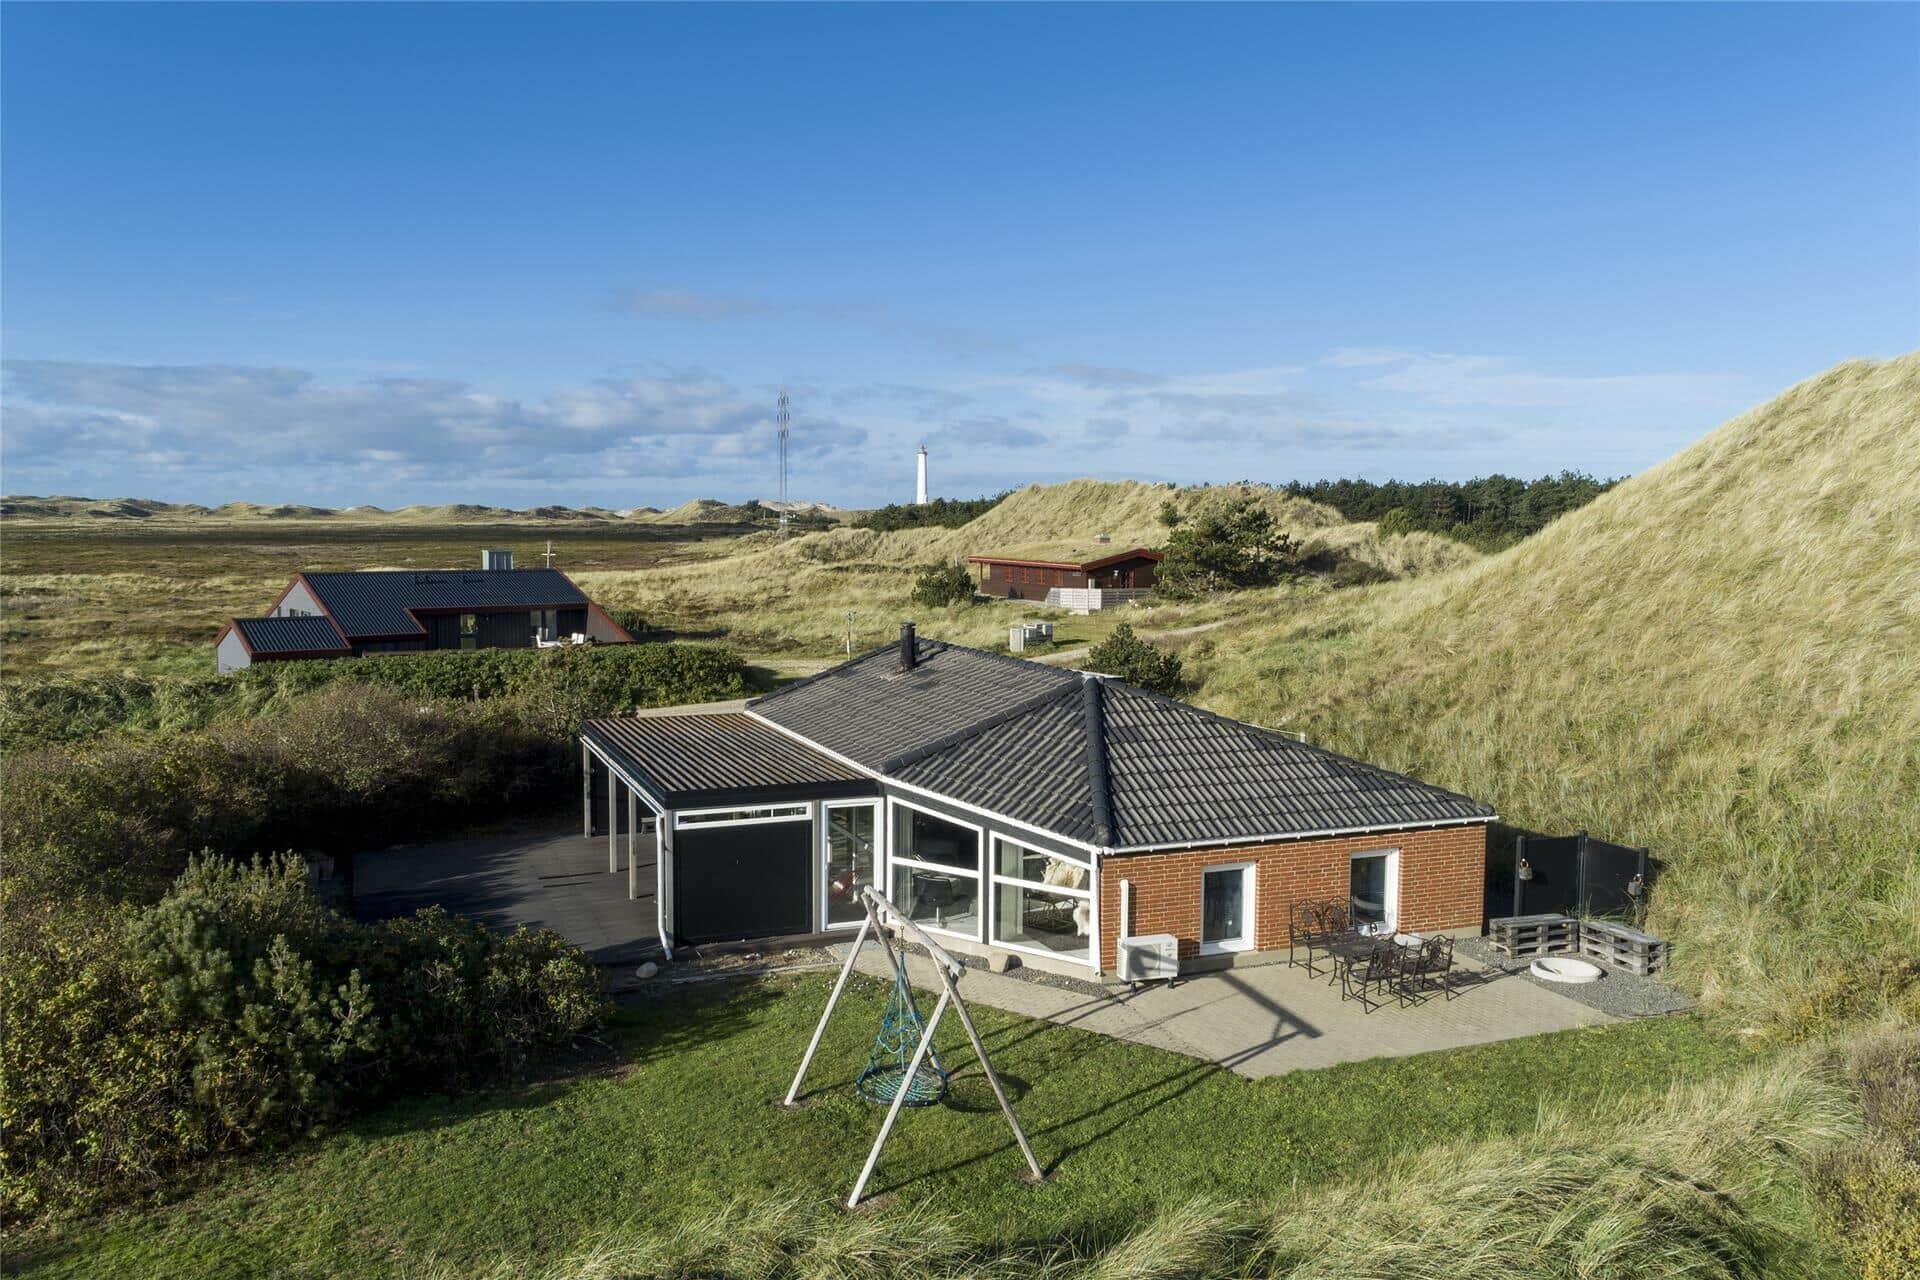 Billede 1-4 Sommerhus 329, Gammeleng 28, DK - 6960 Hvide Sande